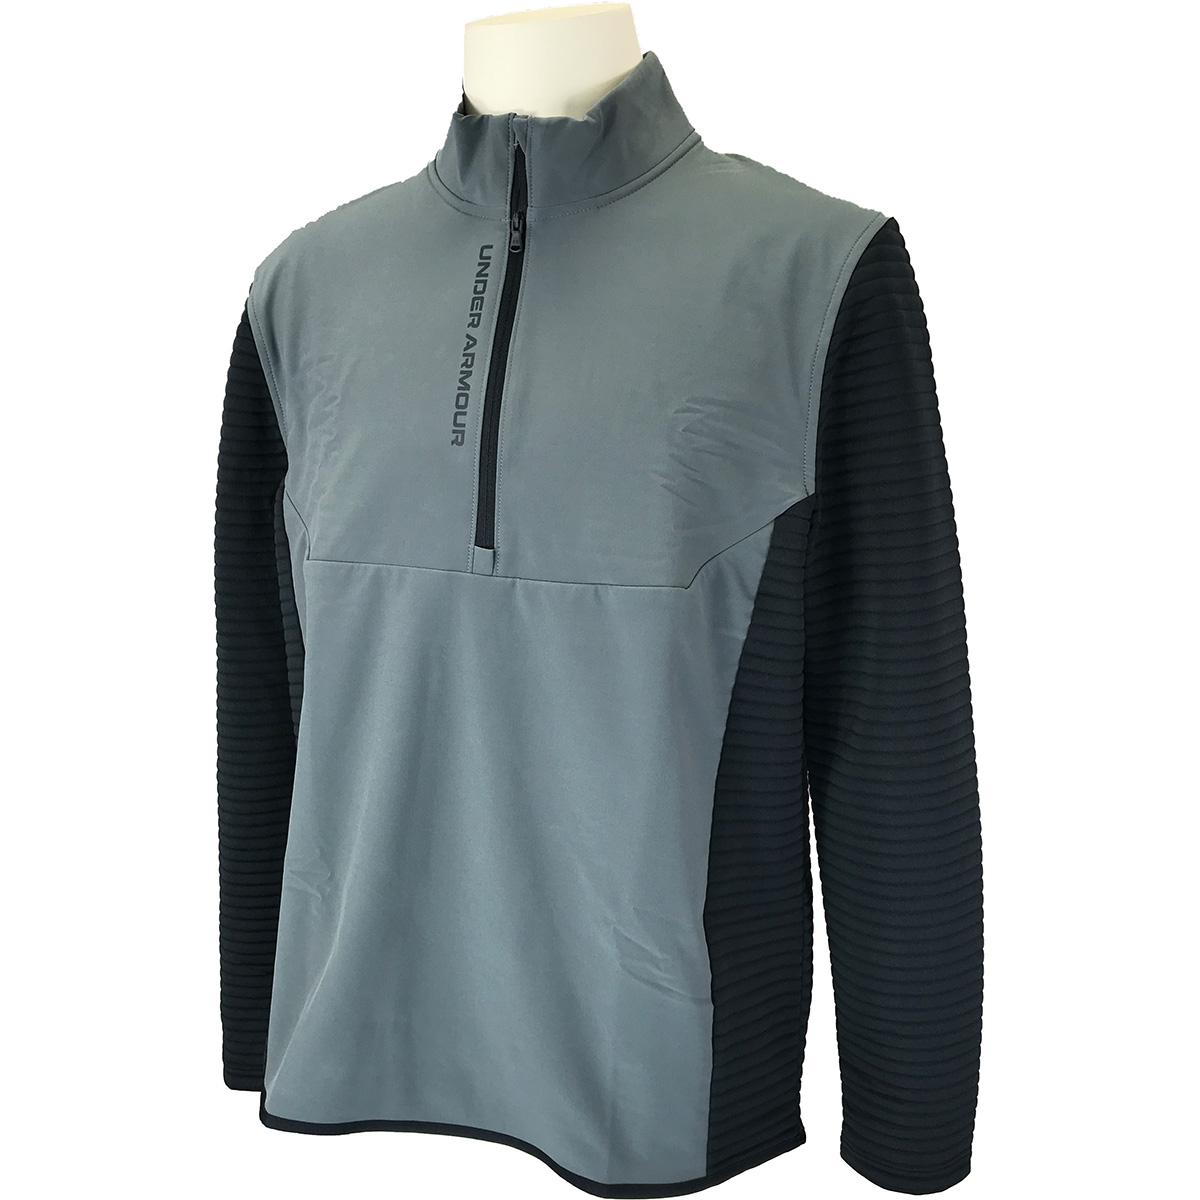 UA ストームエボリューション デイトナハーフジップジャケット